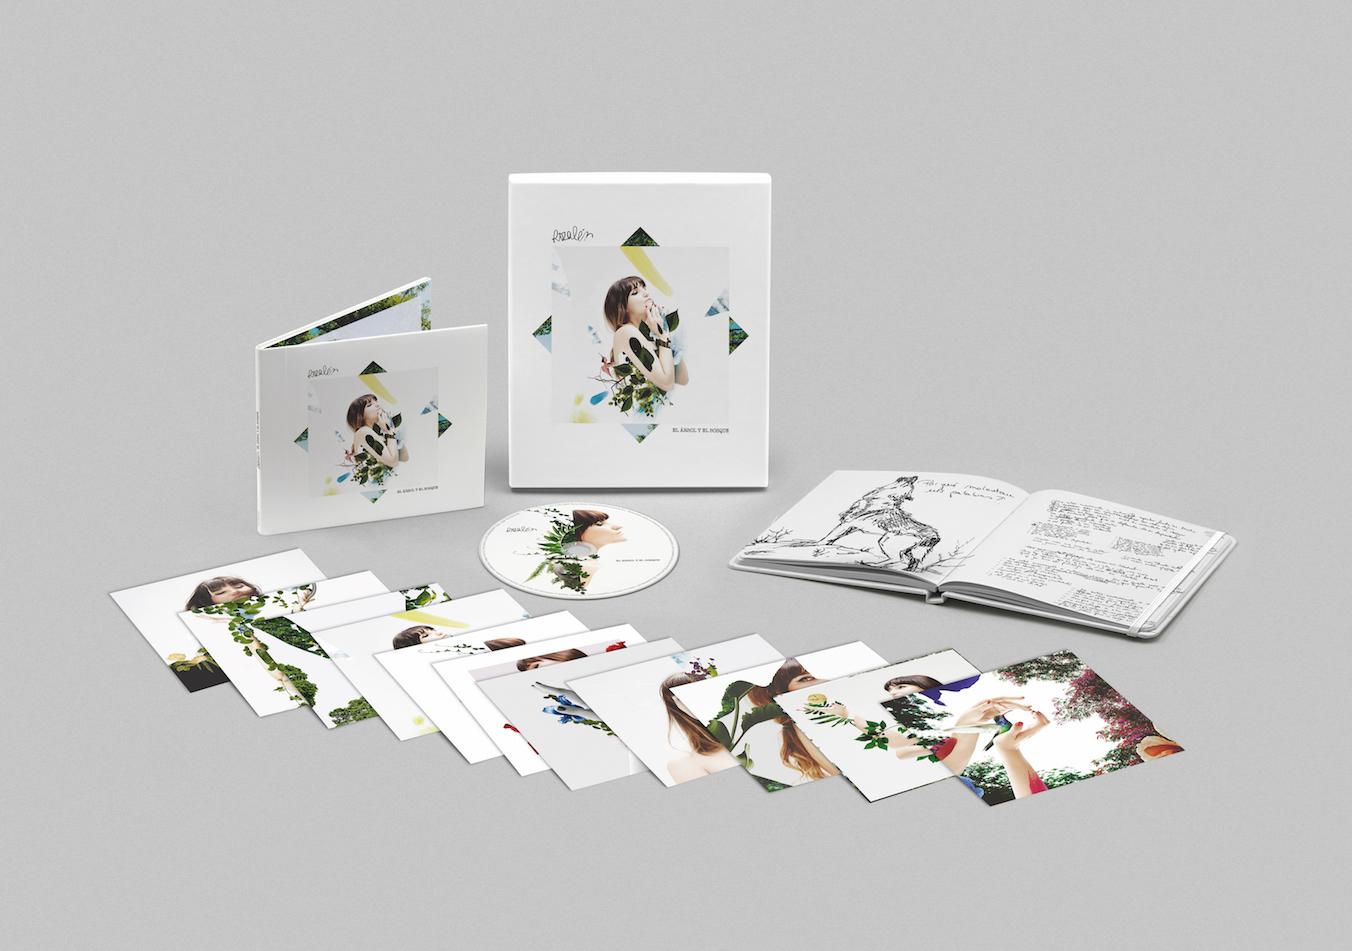 """Rozalén anuncia su cuarto álbum de estudio: """"El árbol y el bosque"""" ya está disponible para reserva"""